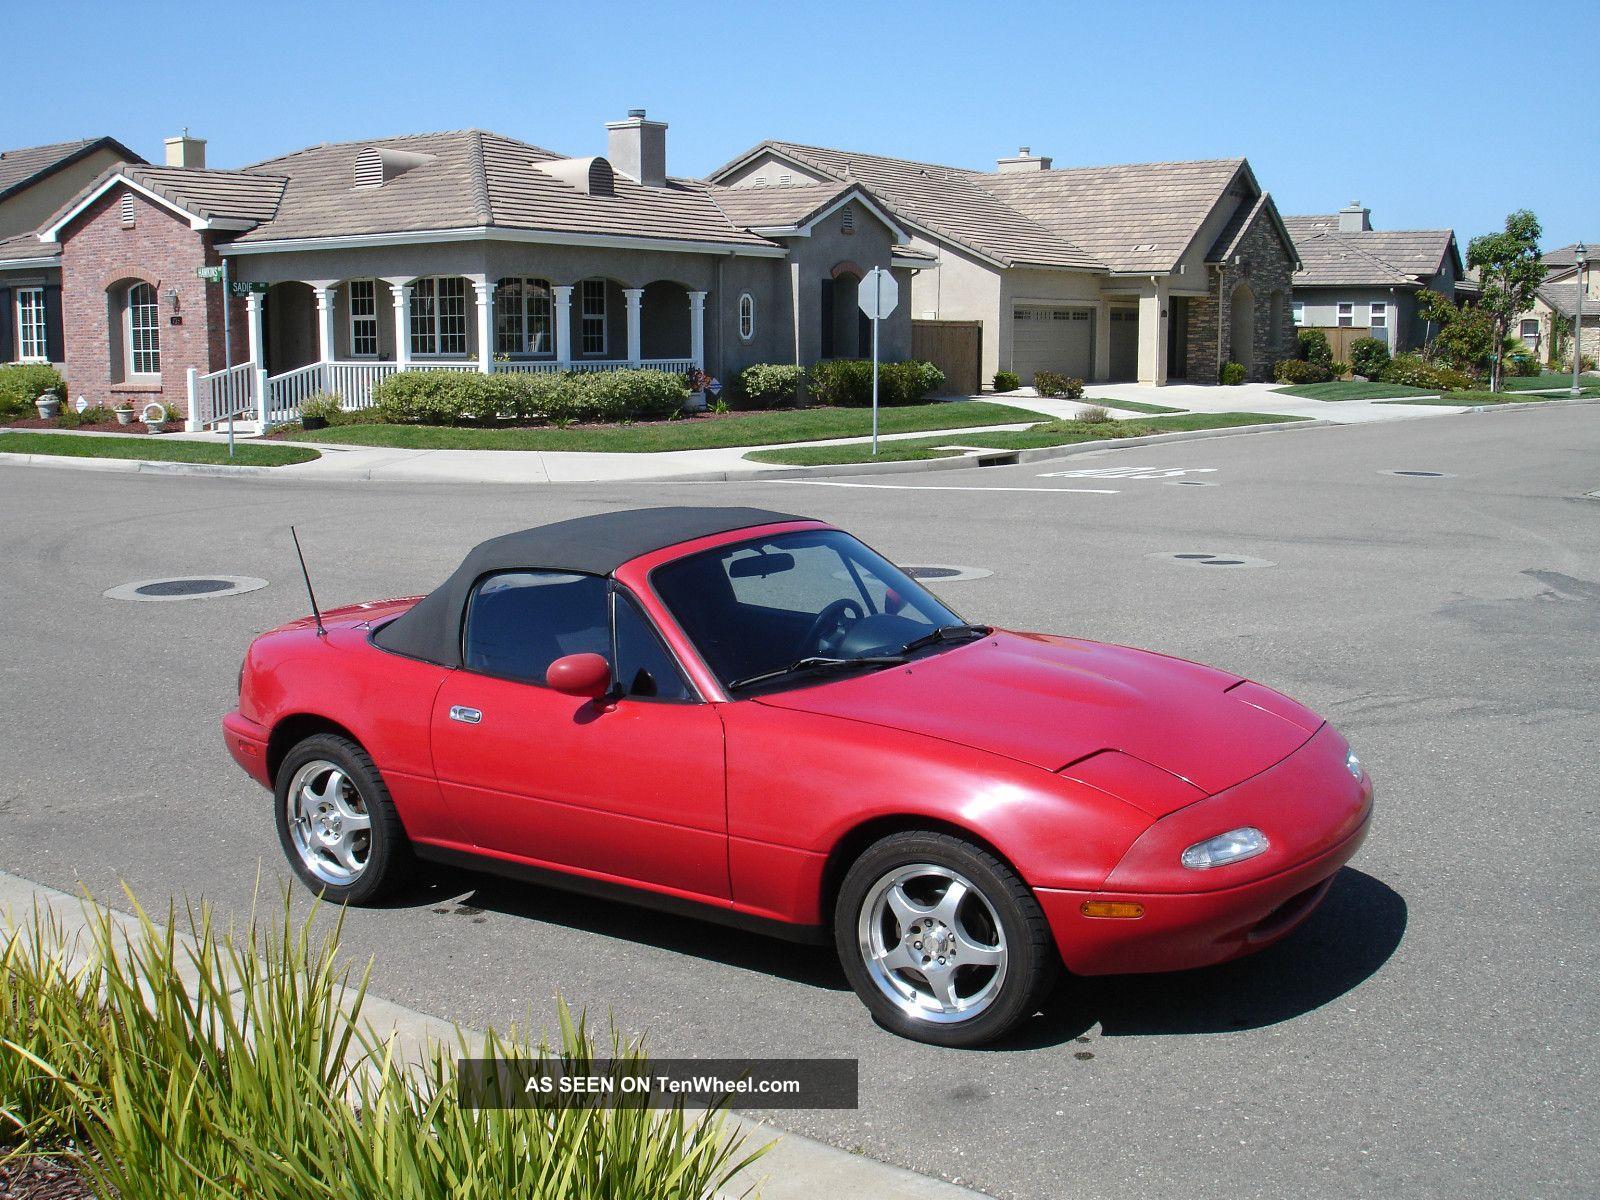 Mazda Miata Convertible Door L Lgw on 1993 Dodge Dakota Blue Book